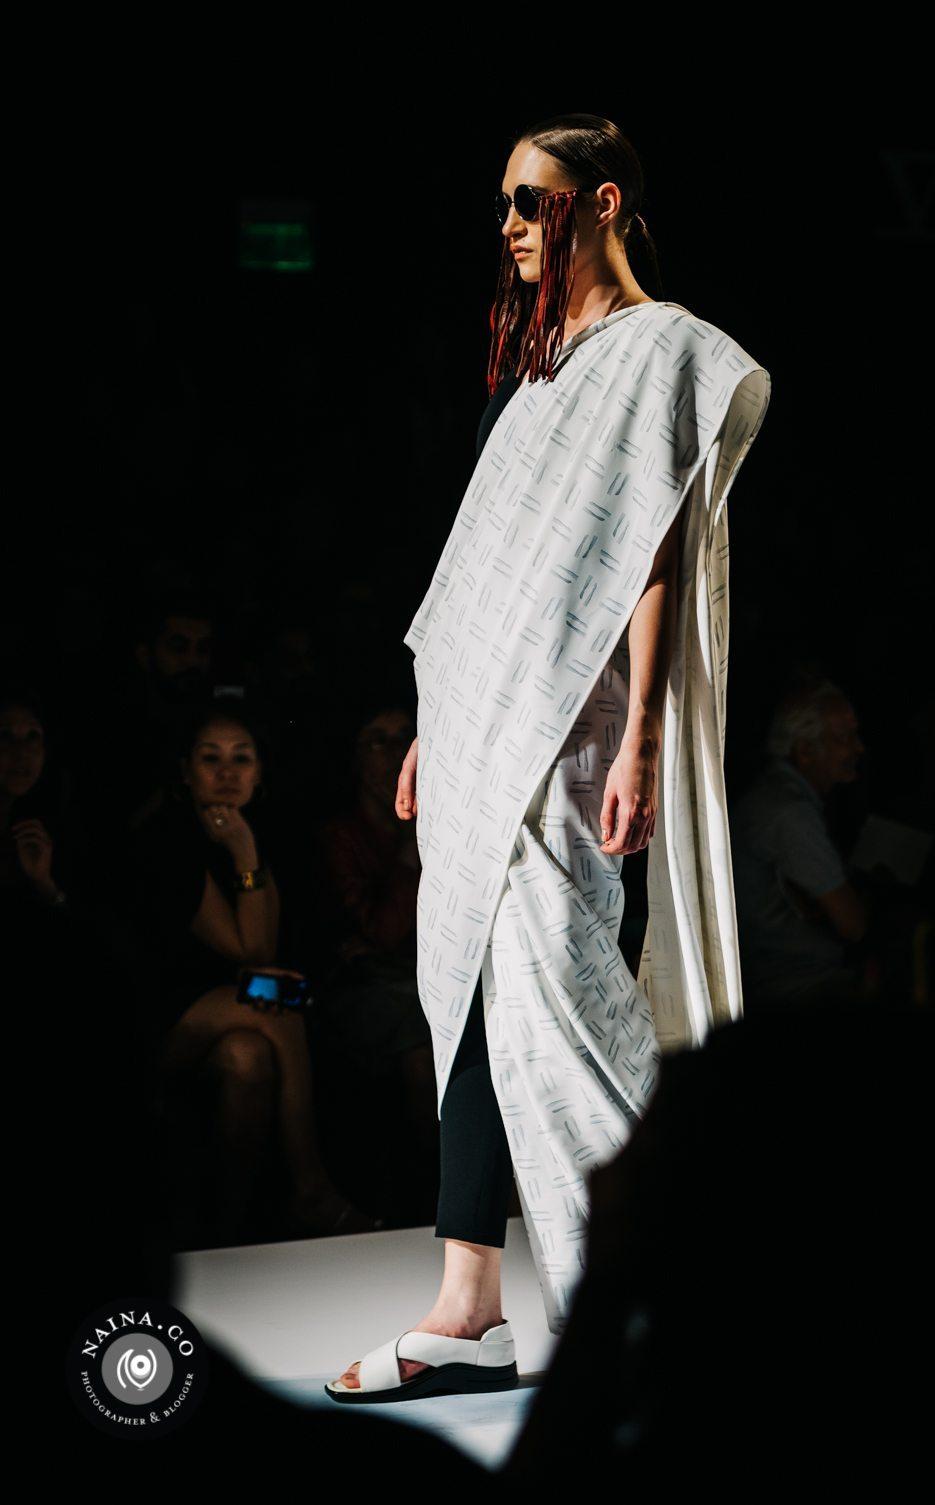 Naina.co-Raconteuse-Visuelle-Photographer-Blogger-Storyteller-Luxury-Lifestyle-AIFWAW15-Shweta-Kapur